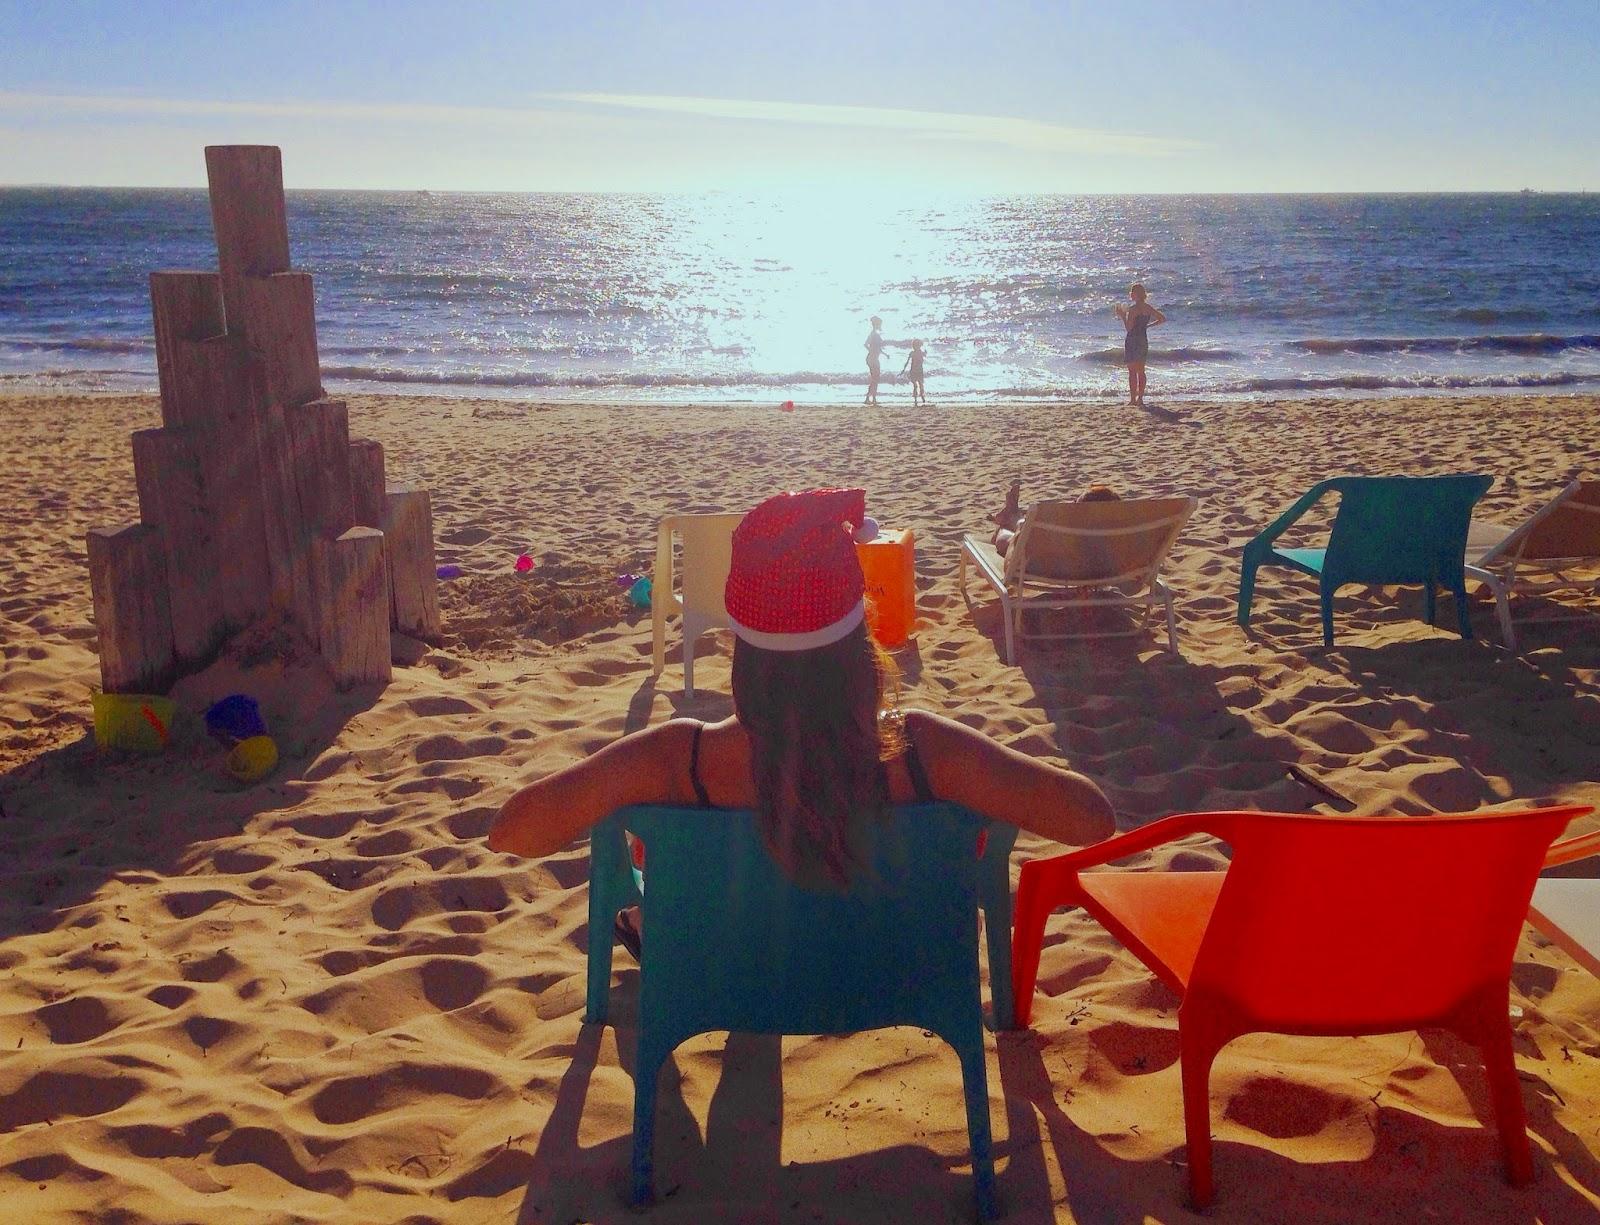 Prove generali di Natale in spiaggia, con cappellino di Babbo Natale e paillettes - foto di Elisa Chisana Hoshi